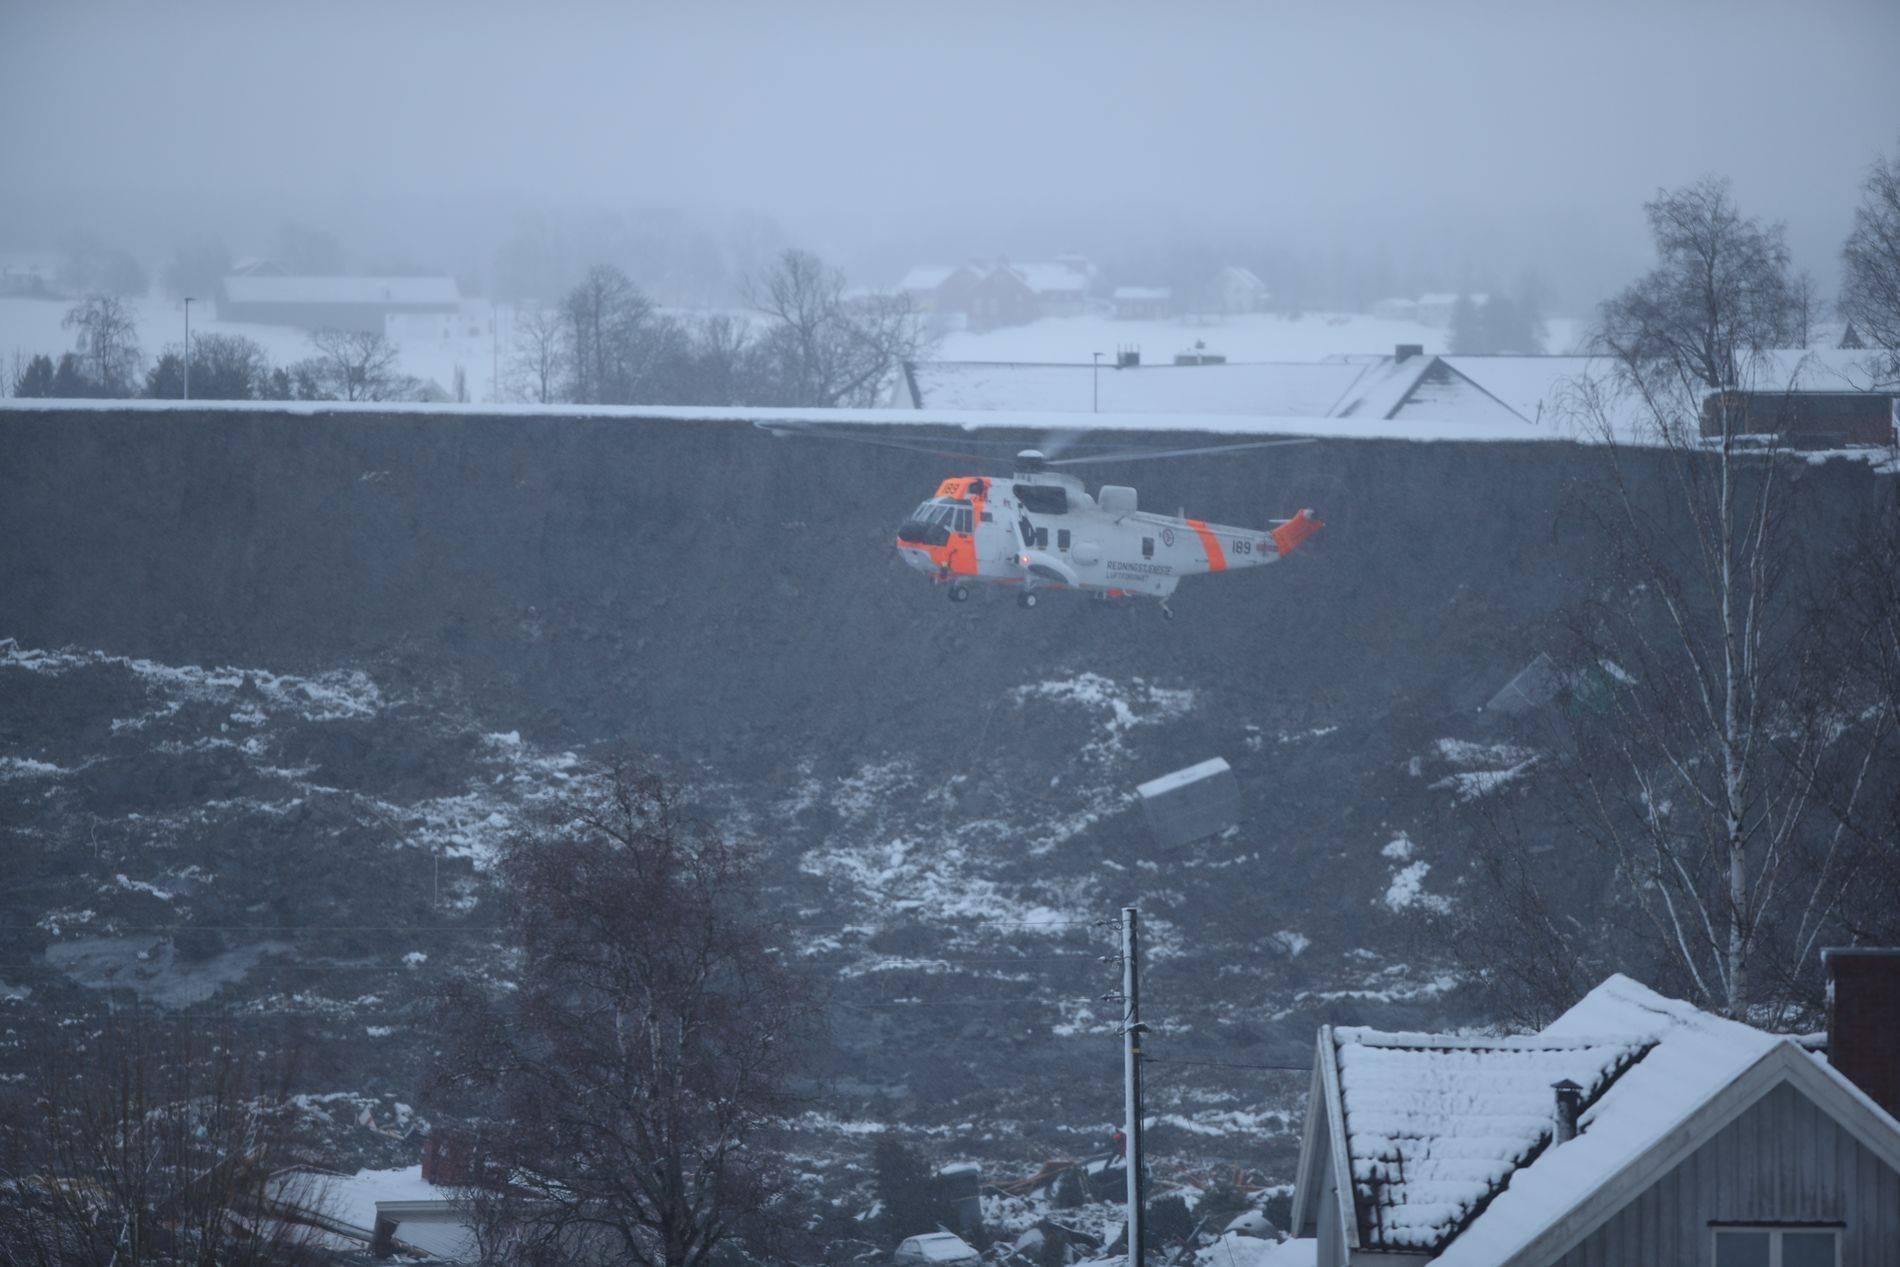 Для эвакуации жителей использовали вертолеты